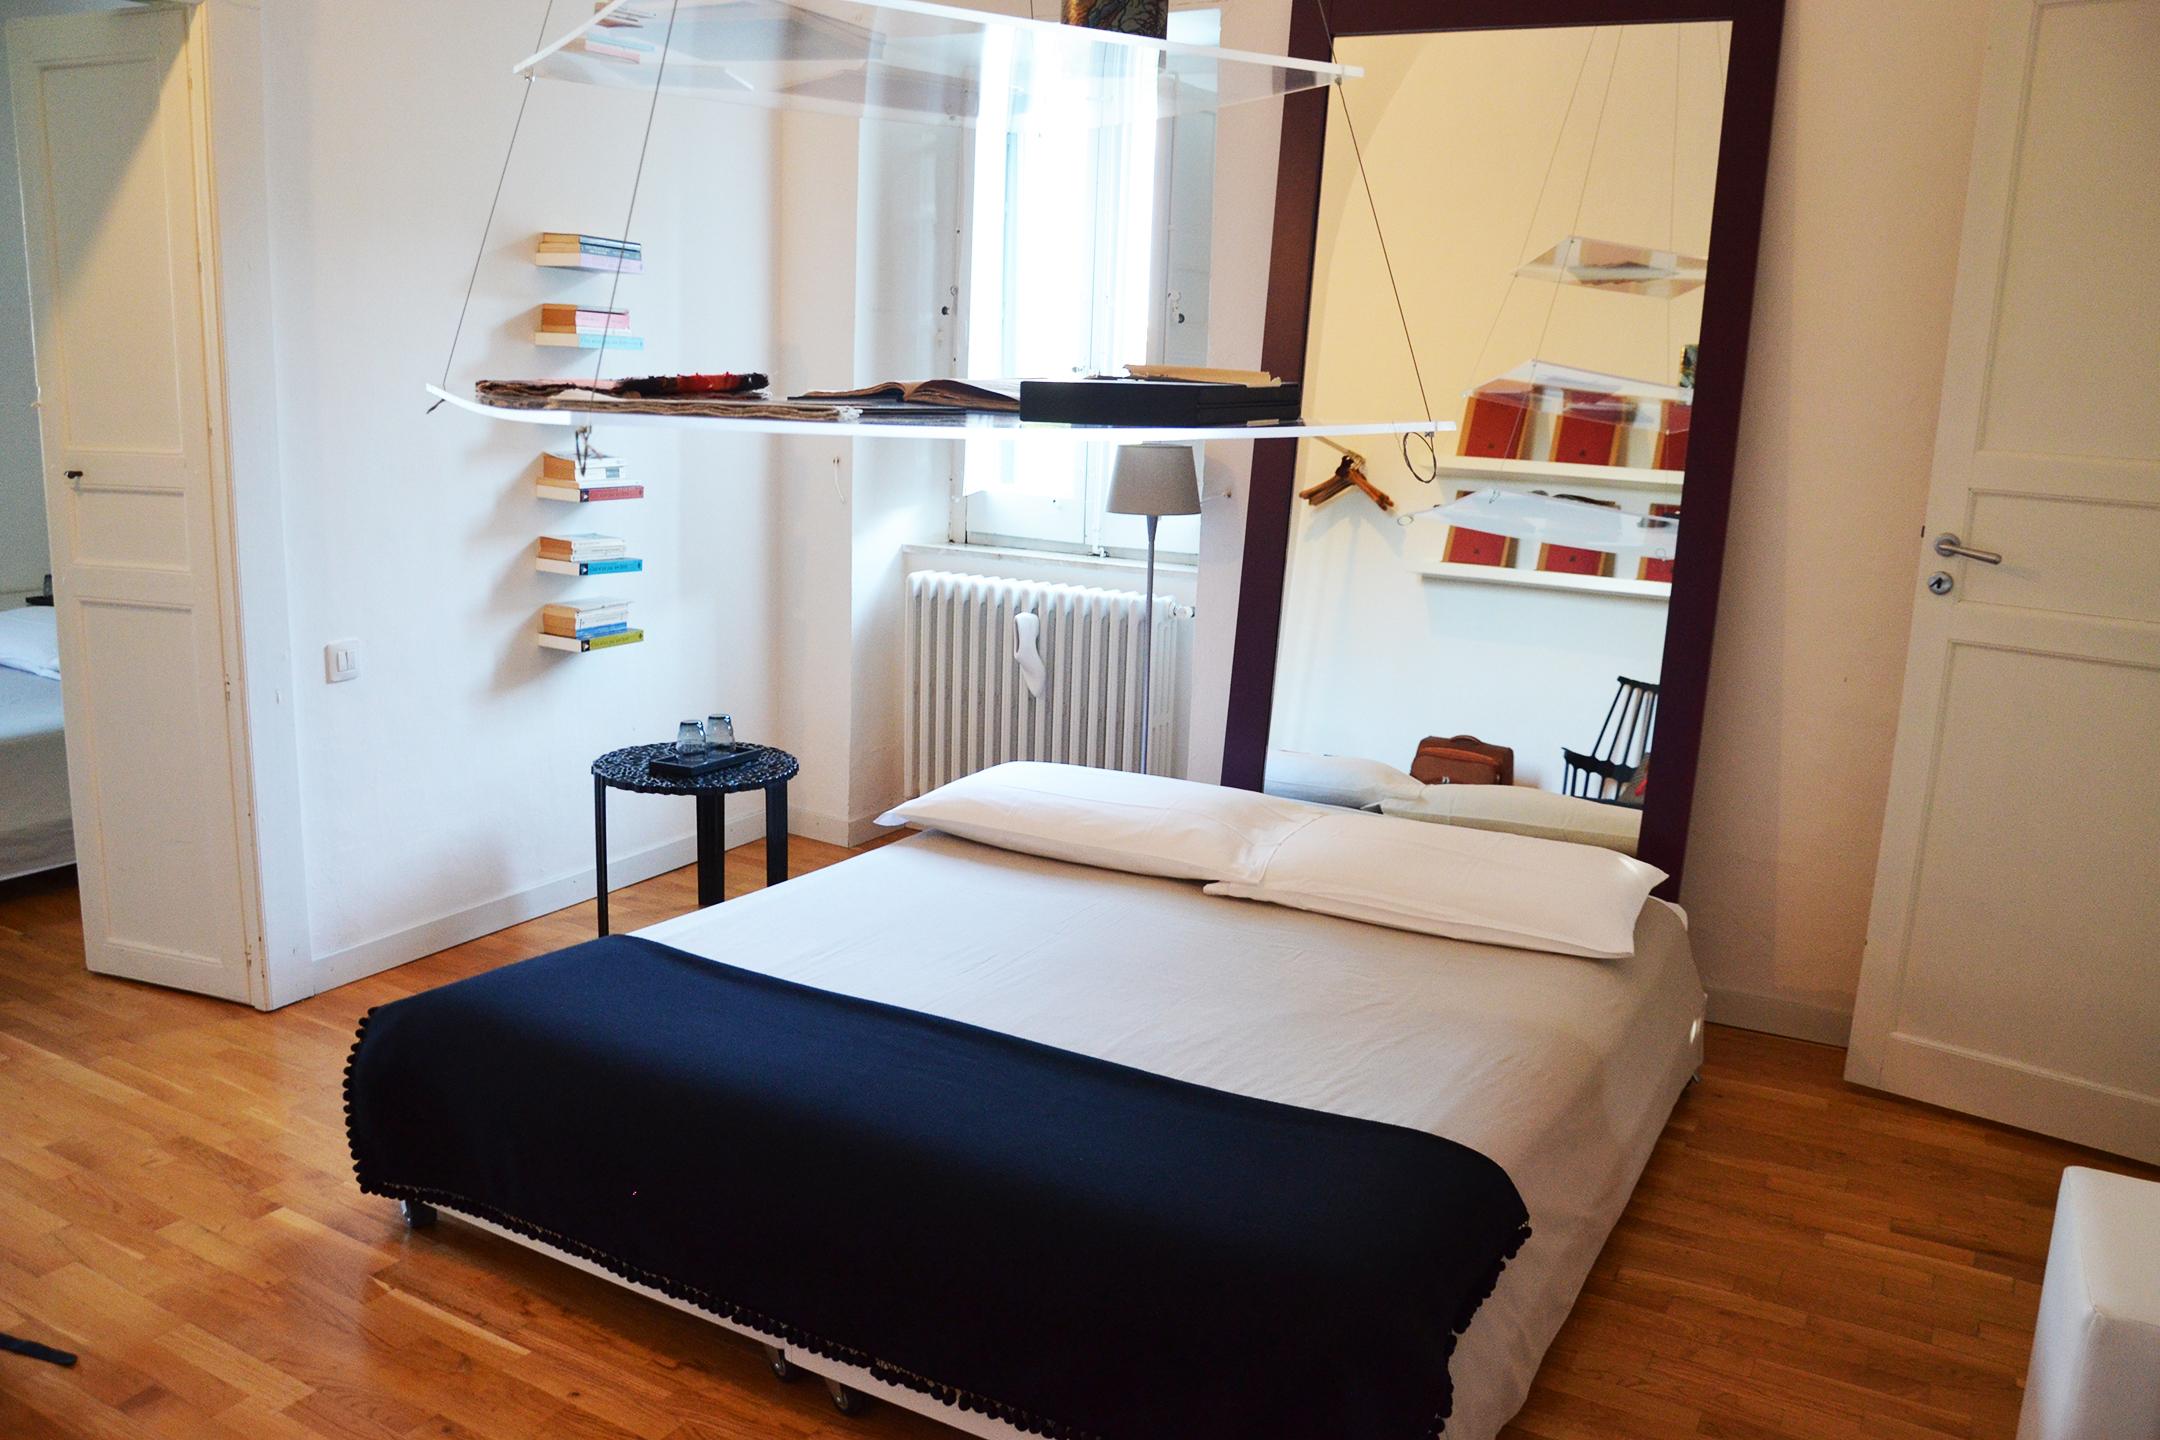 bed-and-breakfast-sicilia-alessia-canella-B&B-giardino-siciliano-sicily-trip-flowers-colazione-viaggiare-camera-da-letto-sicily